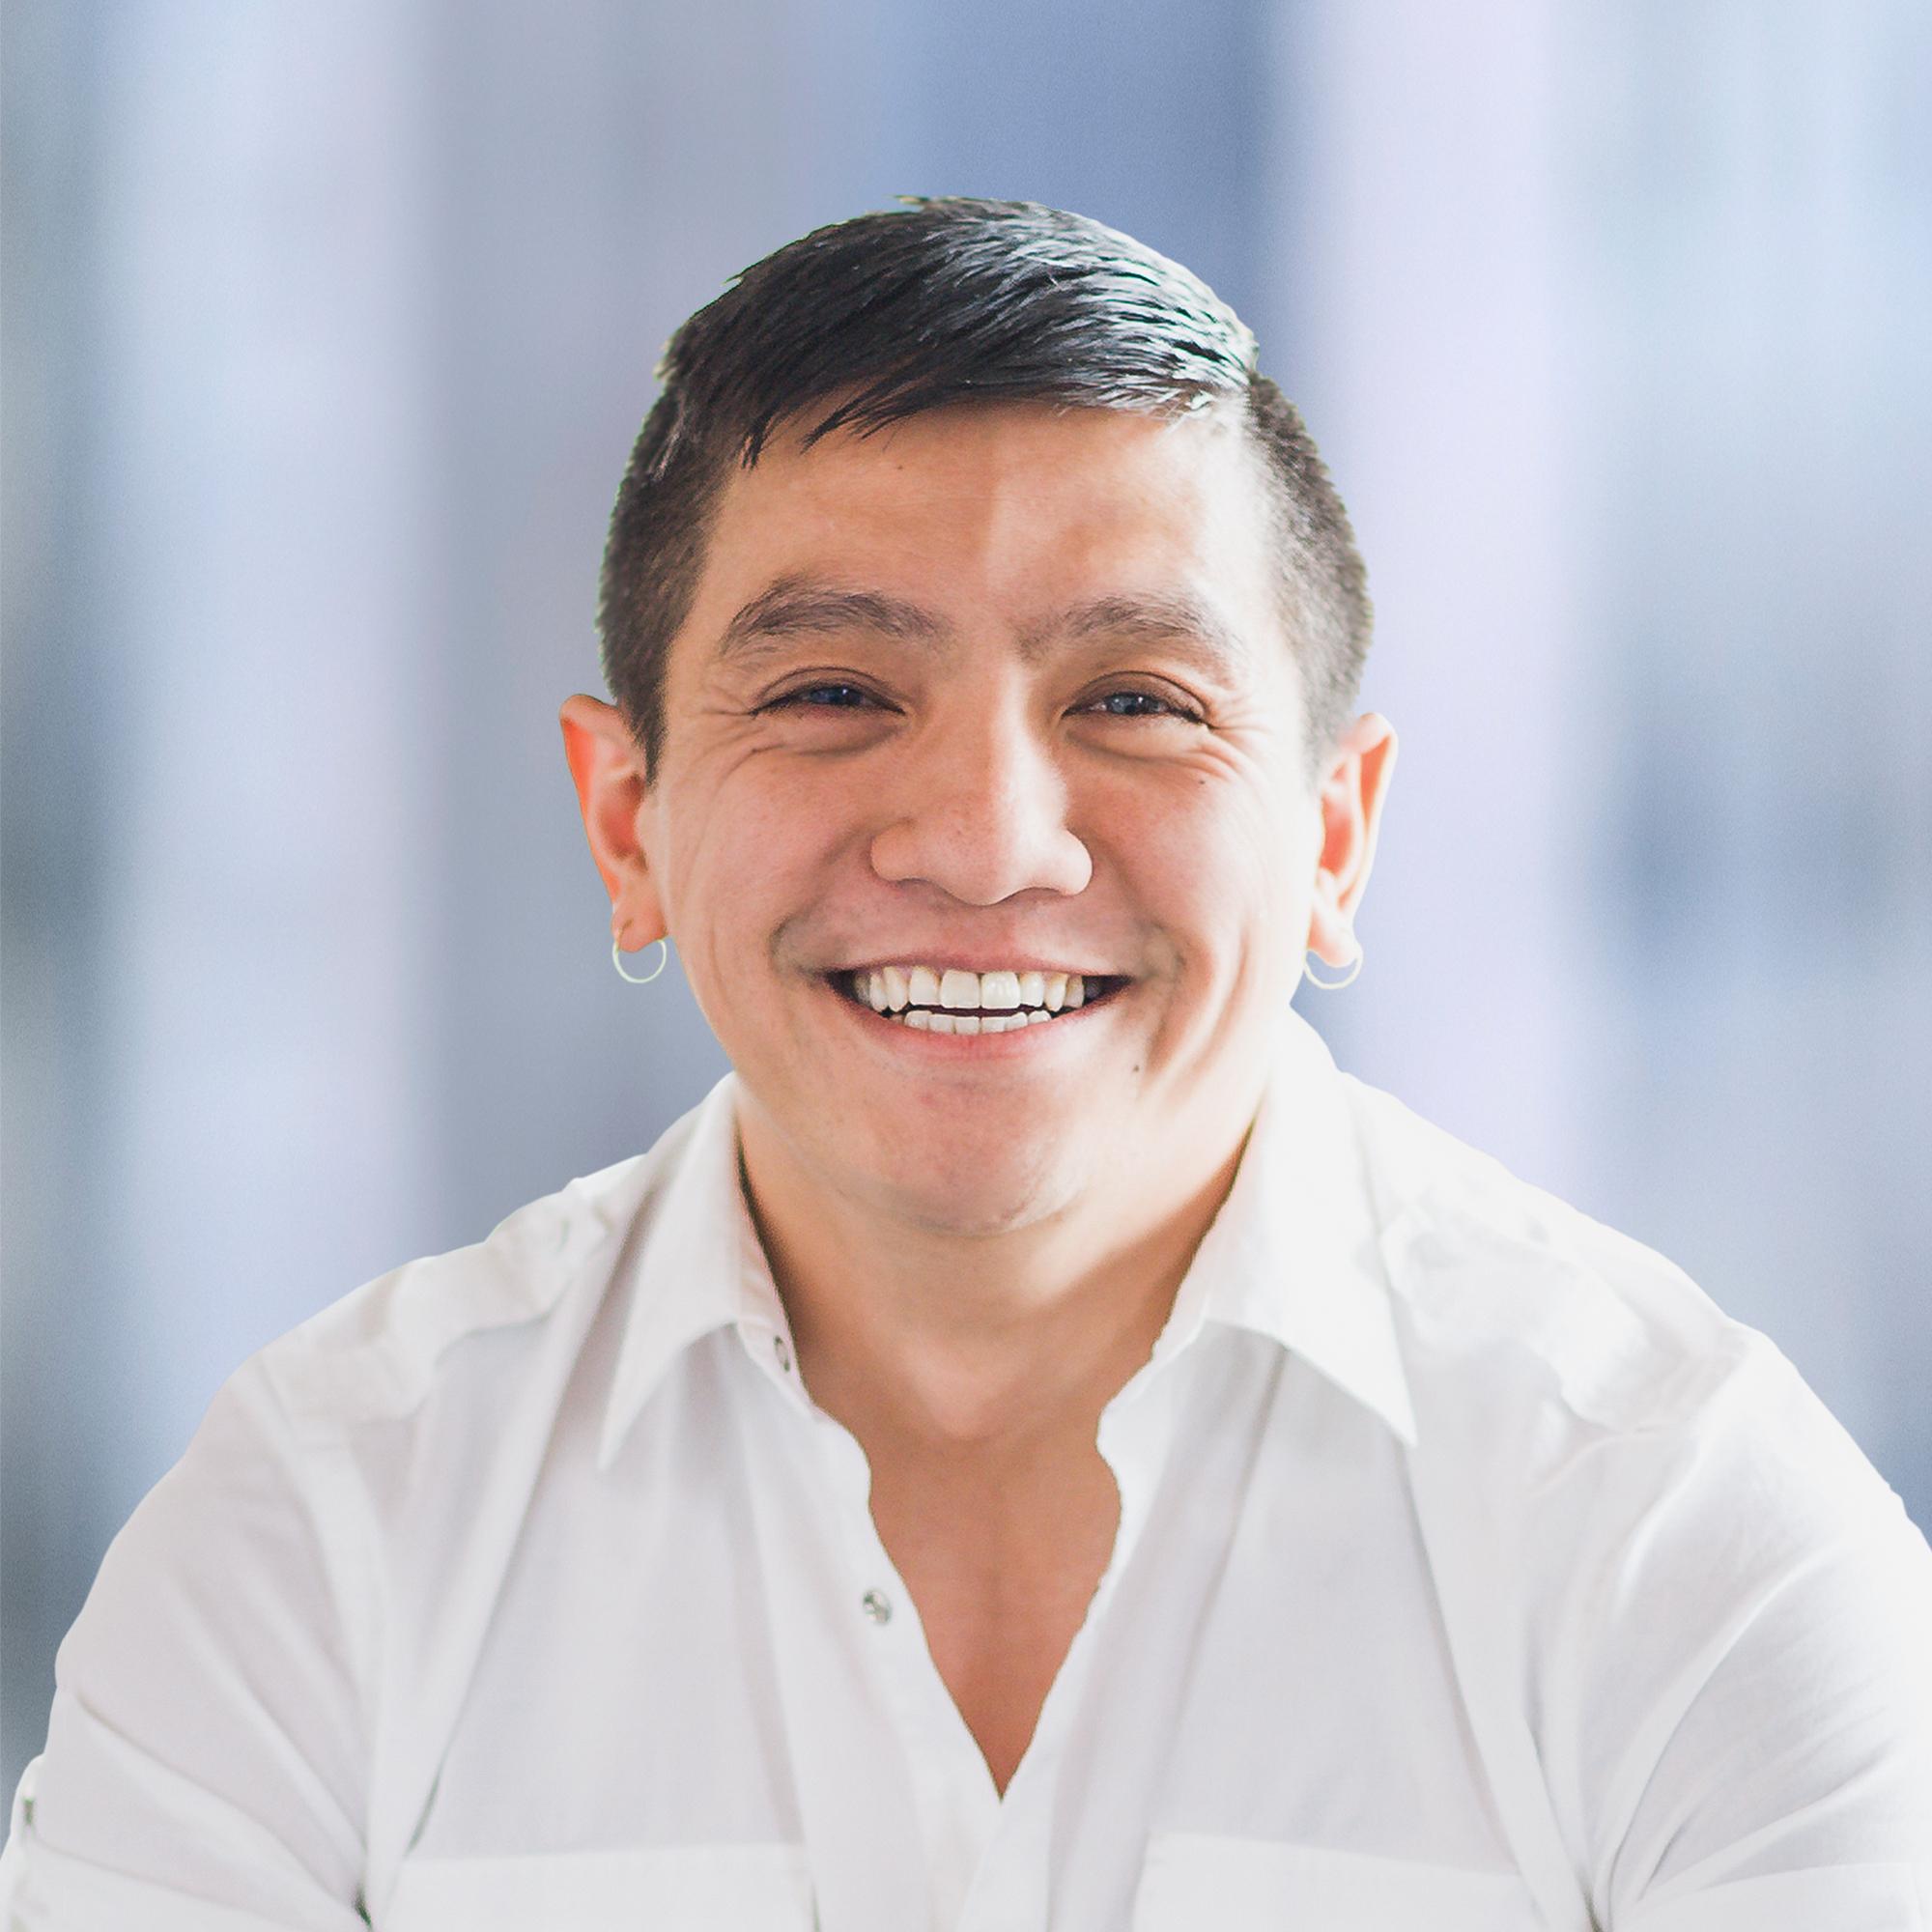 Dzung Tran, RGD - Creative Lead